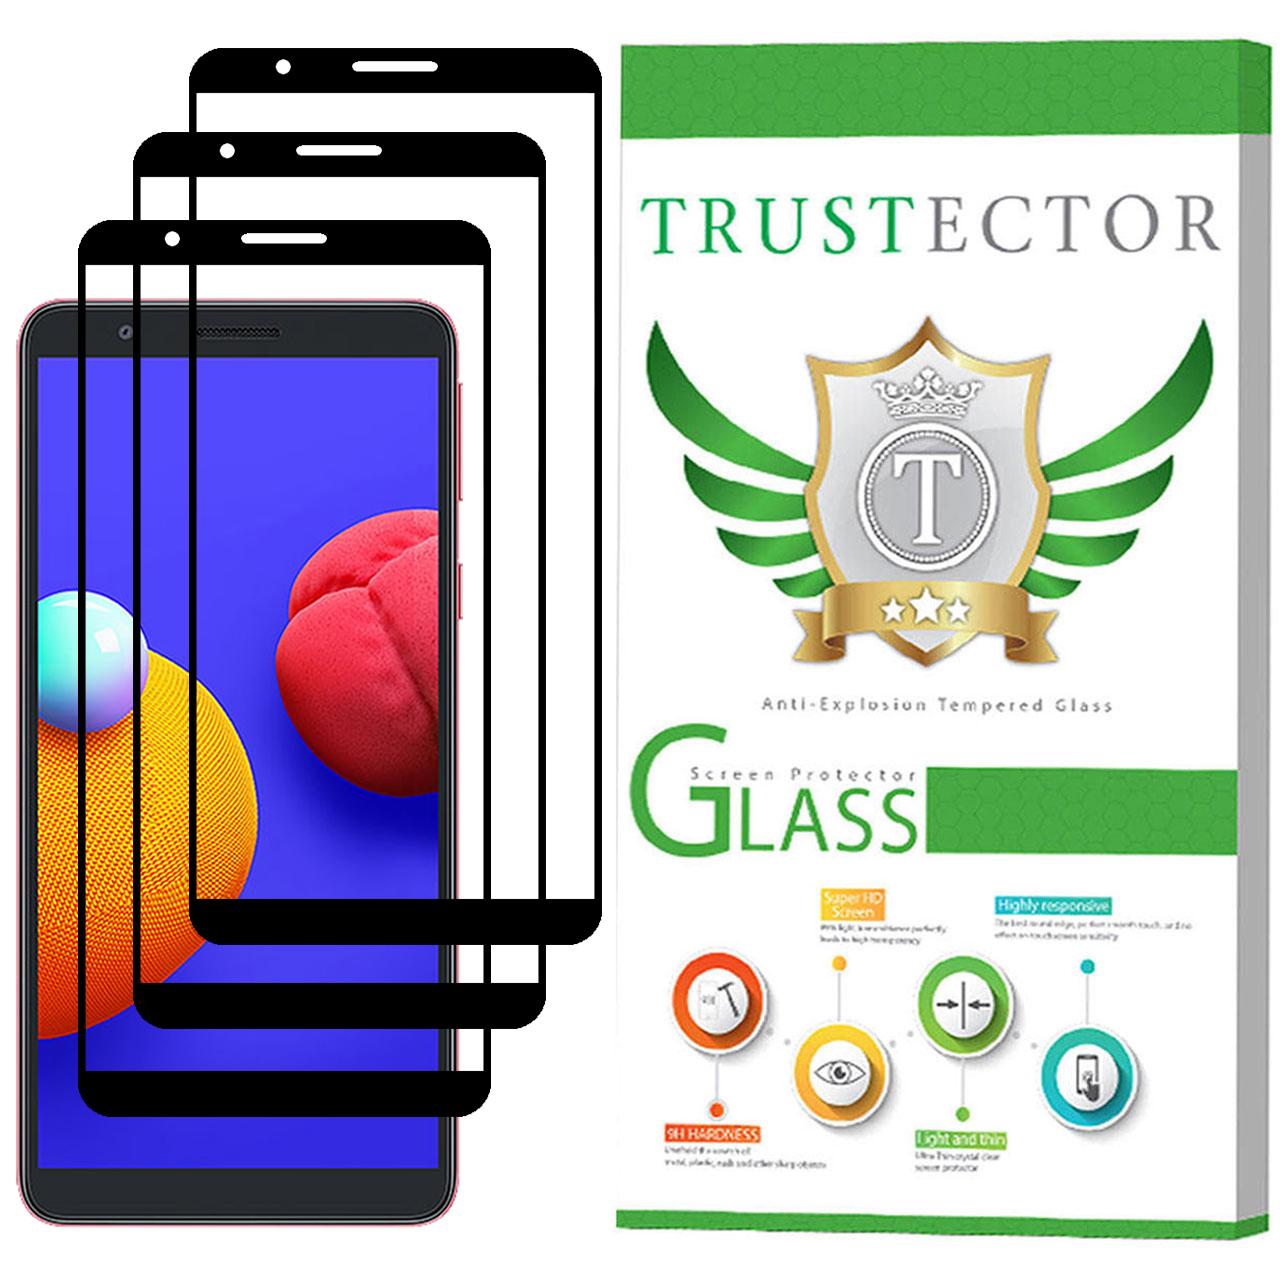 محافظ صفحه نمایش تراستکتور مدل GSS مناسب برای گوشی سامسونگ Galaxy A01 Core بسته 3 عددی              ( قیمت و خرید)